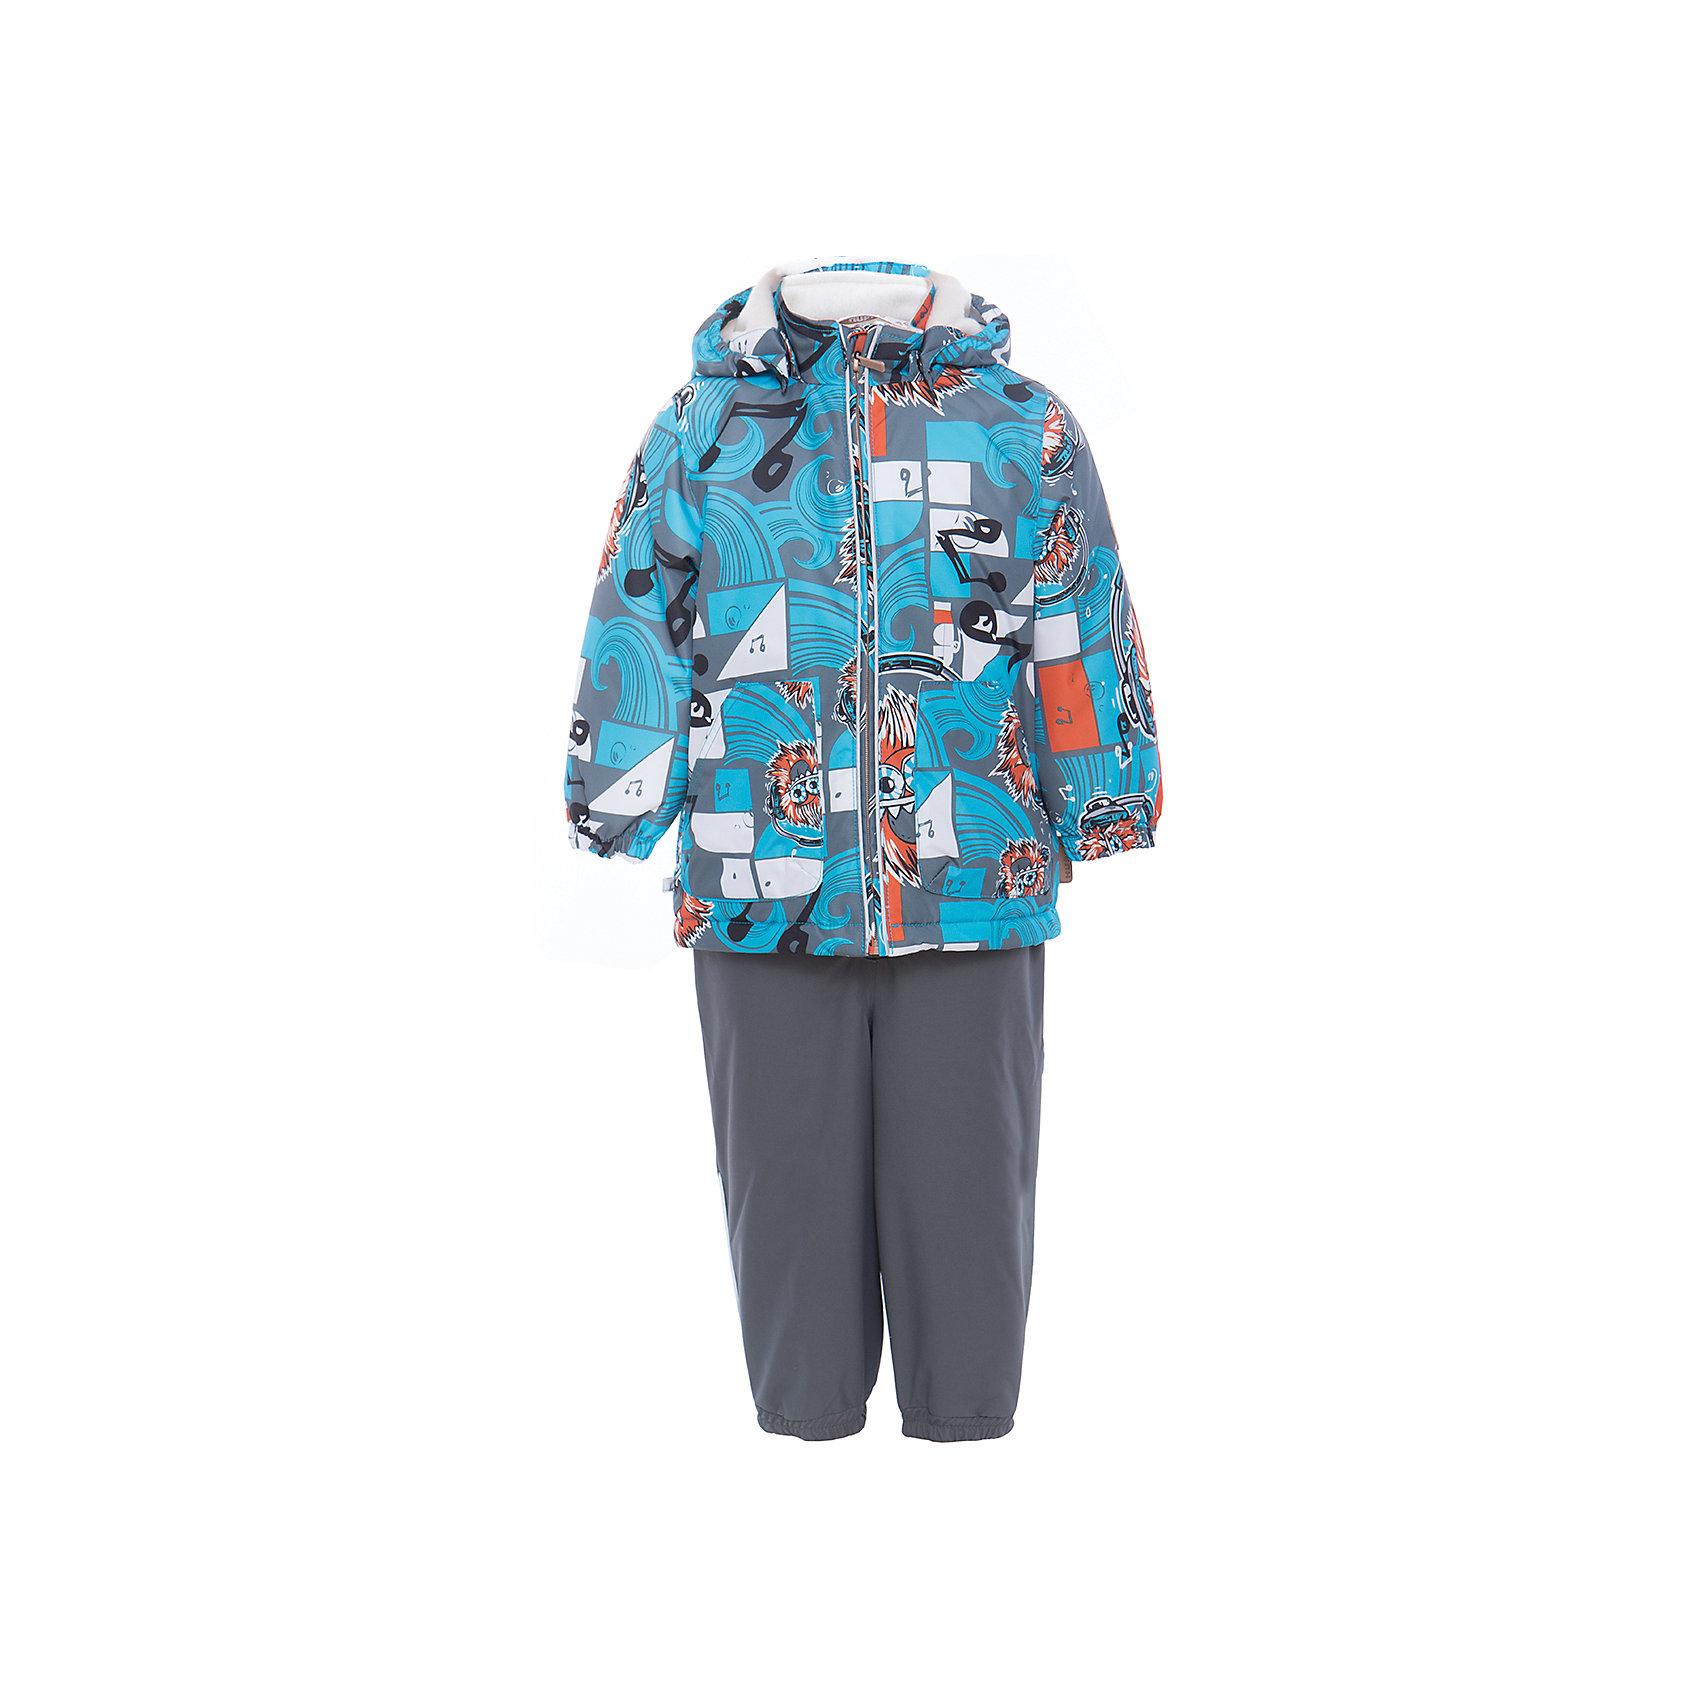 Комплект: куртка и полукомбинезон для мальчика CARLO HuppaВерхняя одежда<br>Характеристики товара:<br><br>• цвет: голубой принт/серый<br>• комплектация: куртка и полукомбинезон <br>• ткань: 100% полиэстер<br>• подкладка: тафта - 100% полиэстер<br>• утеплитель: 100% полиэстер; куртка 100 г, полукомбинезон 40 г<br>• температурный режим: от -5°С до +10°С<br>• водонепроницаемость: 10000 мм<br>• воздухопроницаемость: 10000 мм<br>• светоотражающие детали<br>• шов сидения проклеен<br>• съёмный капюшон с резинкой<br>• эластичные манжеты на рукавах<br>• манжеты брюк с резинкой<br>• съёмные эластичные штрипки<br>• без внутренних швов<br>• резиновые подтяжки<br>• коллекция: весна-лето 2017<br>• страна бренда: Эстония<br><br>Такой модный демисезонный комплект  обеспечит детям тепло и комфорт. Он сделан из материала, отталкивающего воду, и дополнен подкладкой с утеплителем, поэтому изделие идеально подходит для межсезонья. Материал изделий - с мембранной технологией: защищая от влаги и ветра, он легко выводит лишнюю влагу наружу. Комплект очень симпатично смотрится. <br><br>Одежда и обувь от популярного эстонского бренда Huppa - отличный вариант одеть ребенка можно и комфортно. Вещи, выпускаемые компанией, качественные, продуманные и очень удобные. Для производства изделий используются только безопасные для детей материалы. Продукция от Huppa порадует и детей, и их родителей!<br><br>Комплект: куртка и полукомбинезон для мальчика CARLO от бренда Huppa (Хуппа) можно купить в нашем интернет-магазине.<br><br>Ширина мм: 356<br>Глубина мм: 10<br>Высота мм: 245<br>Вес г: 519<br>Цвет: голубой<br>Возраст от месяцев: 12<br>Возраст до месяцев: 15<br>Пол: Мужской<br>Возраст: Детский<br>Размер: 80,110,104,98,92,86<br>SKU: 5346711